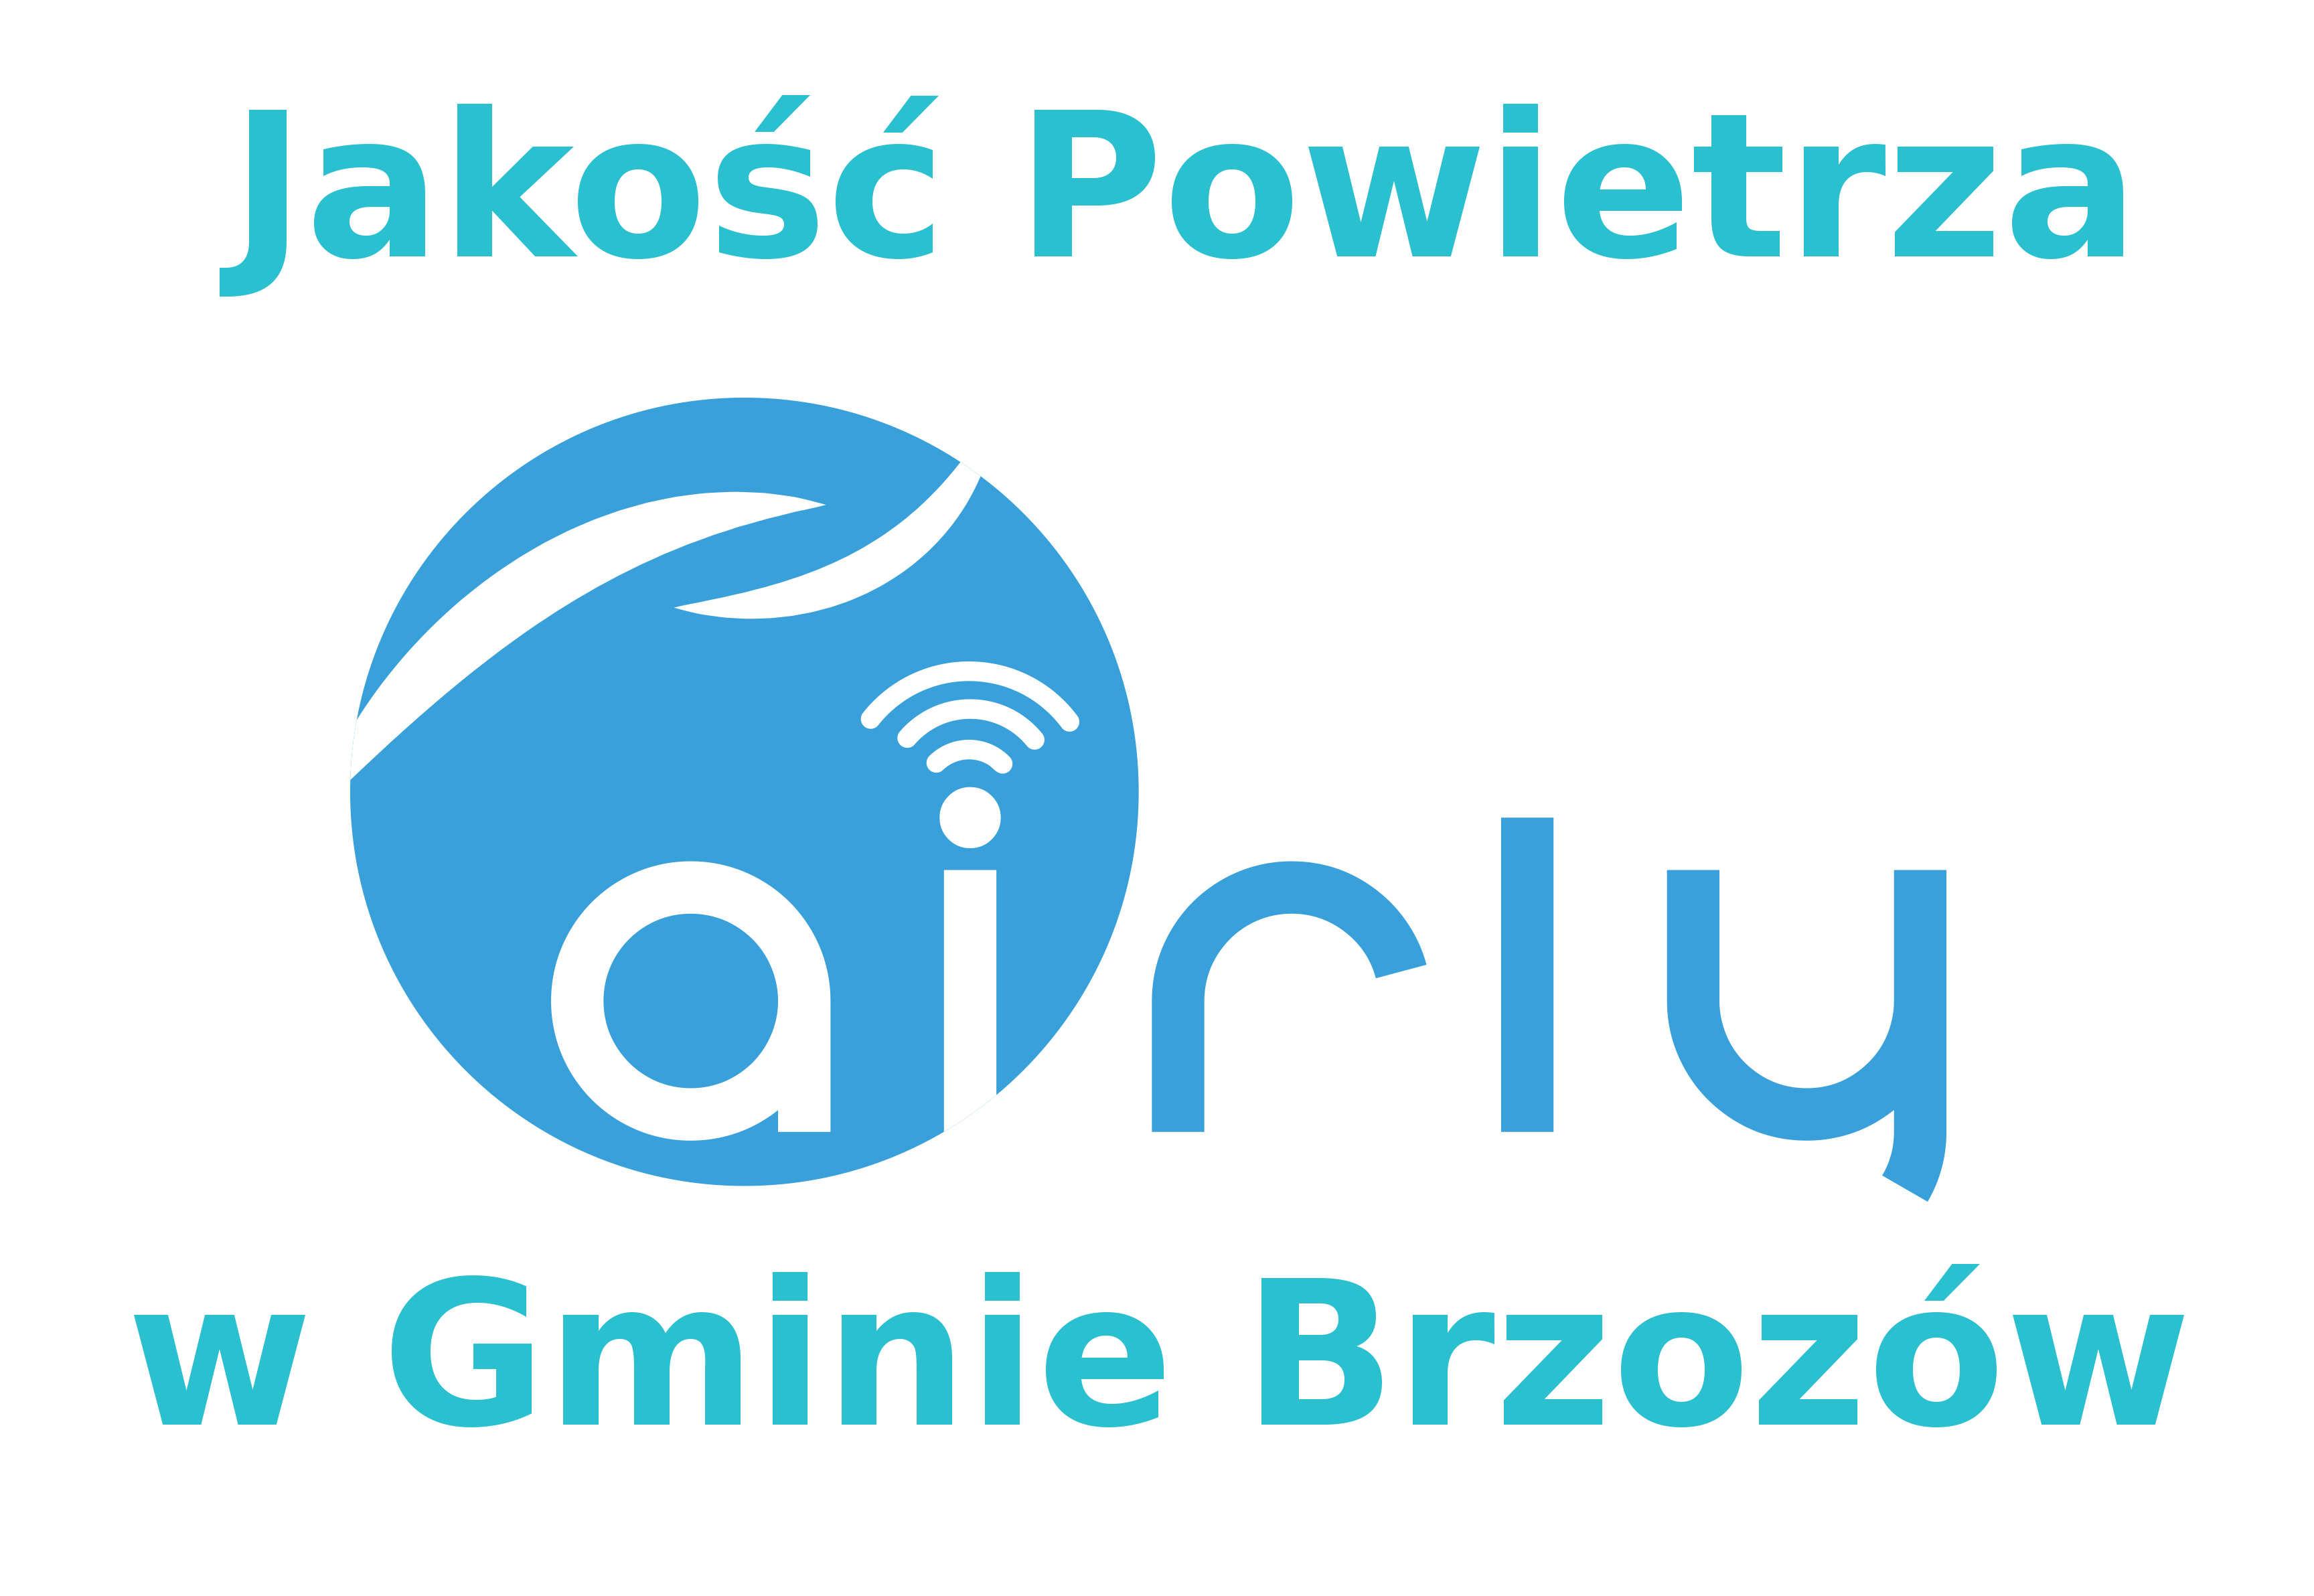 Jakość powietrza w Gminie Brzozów